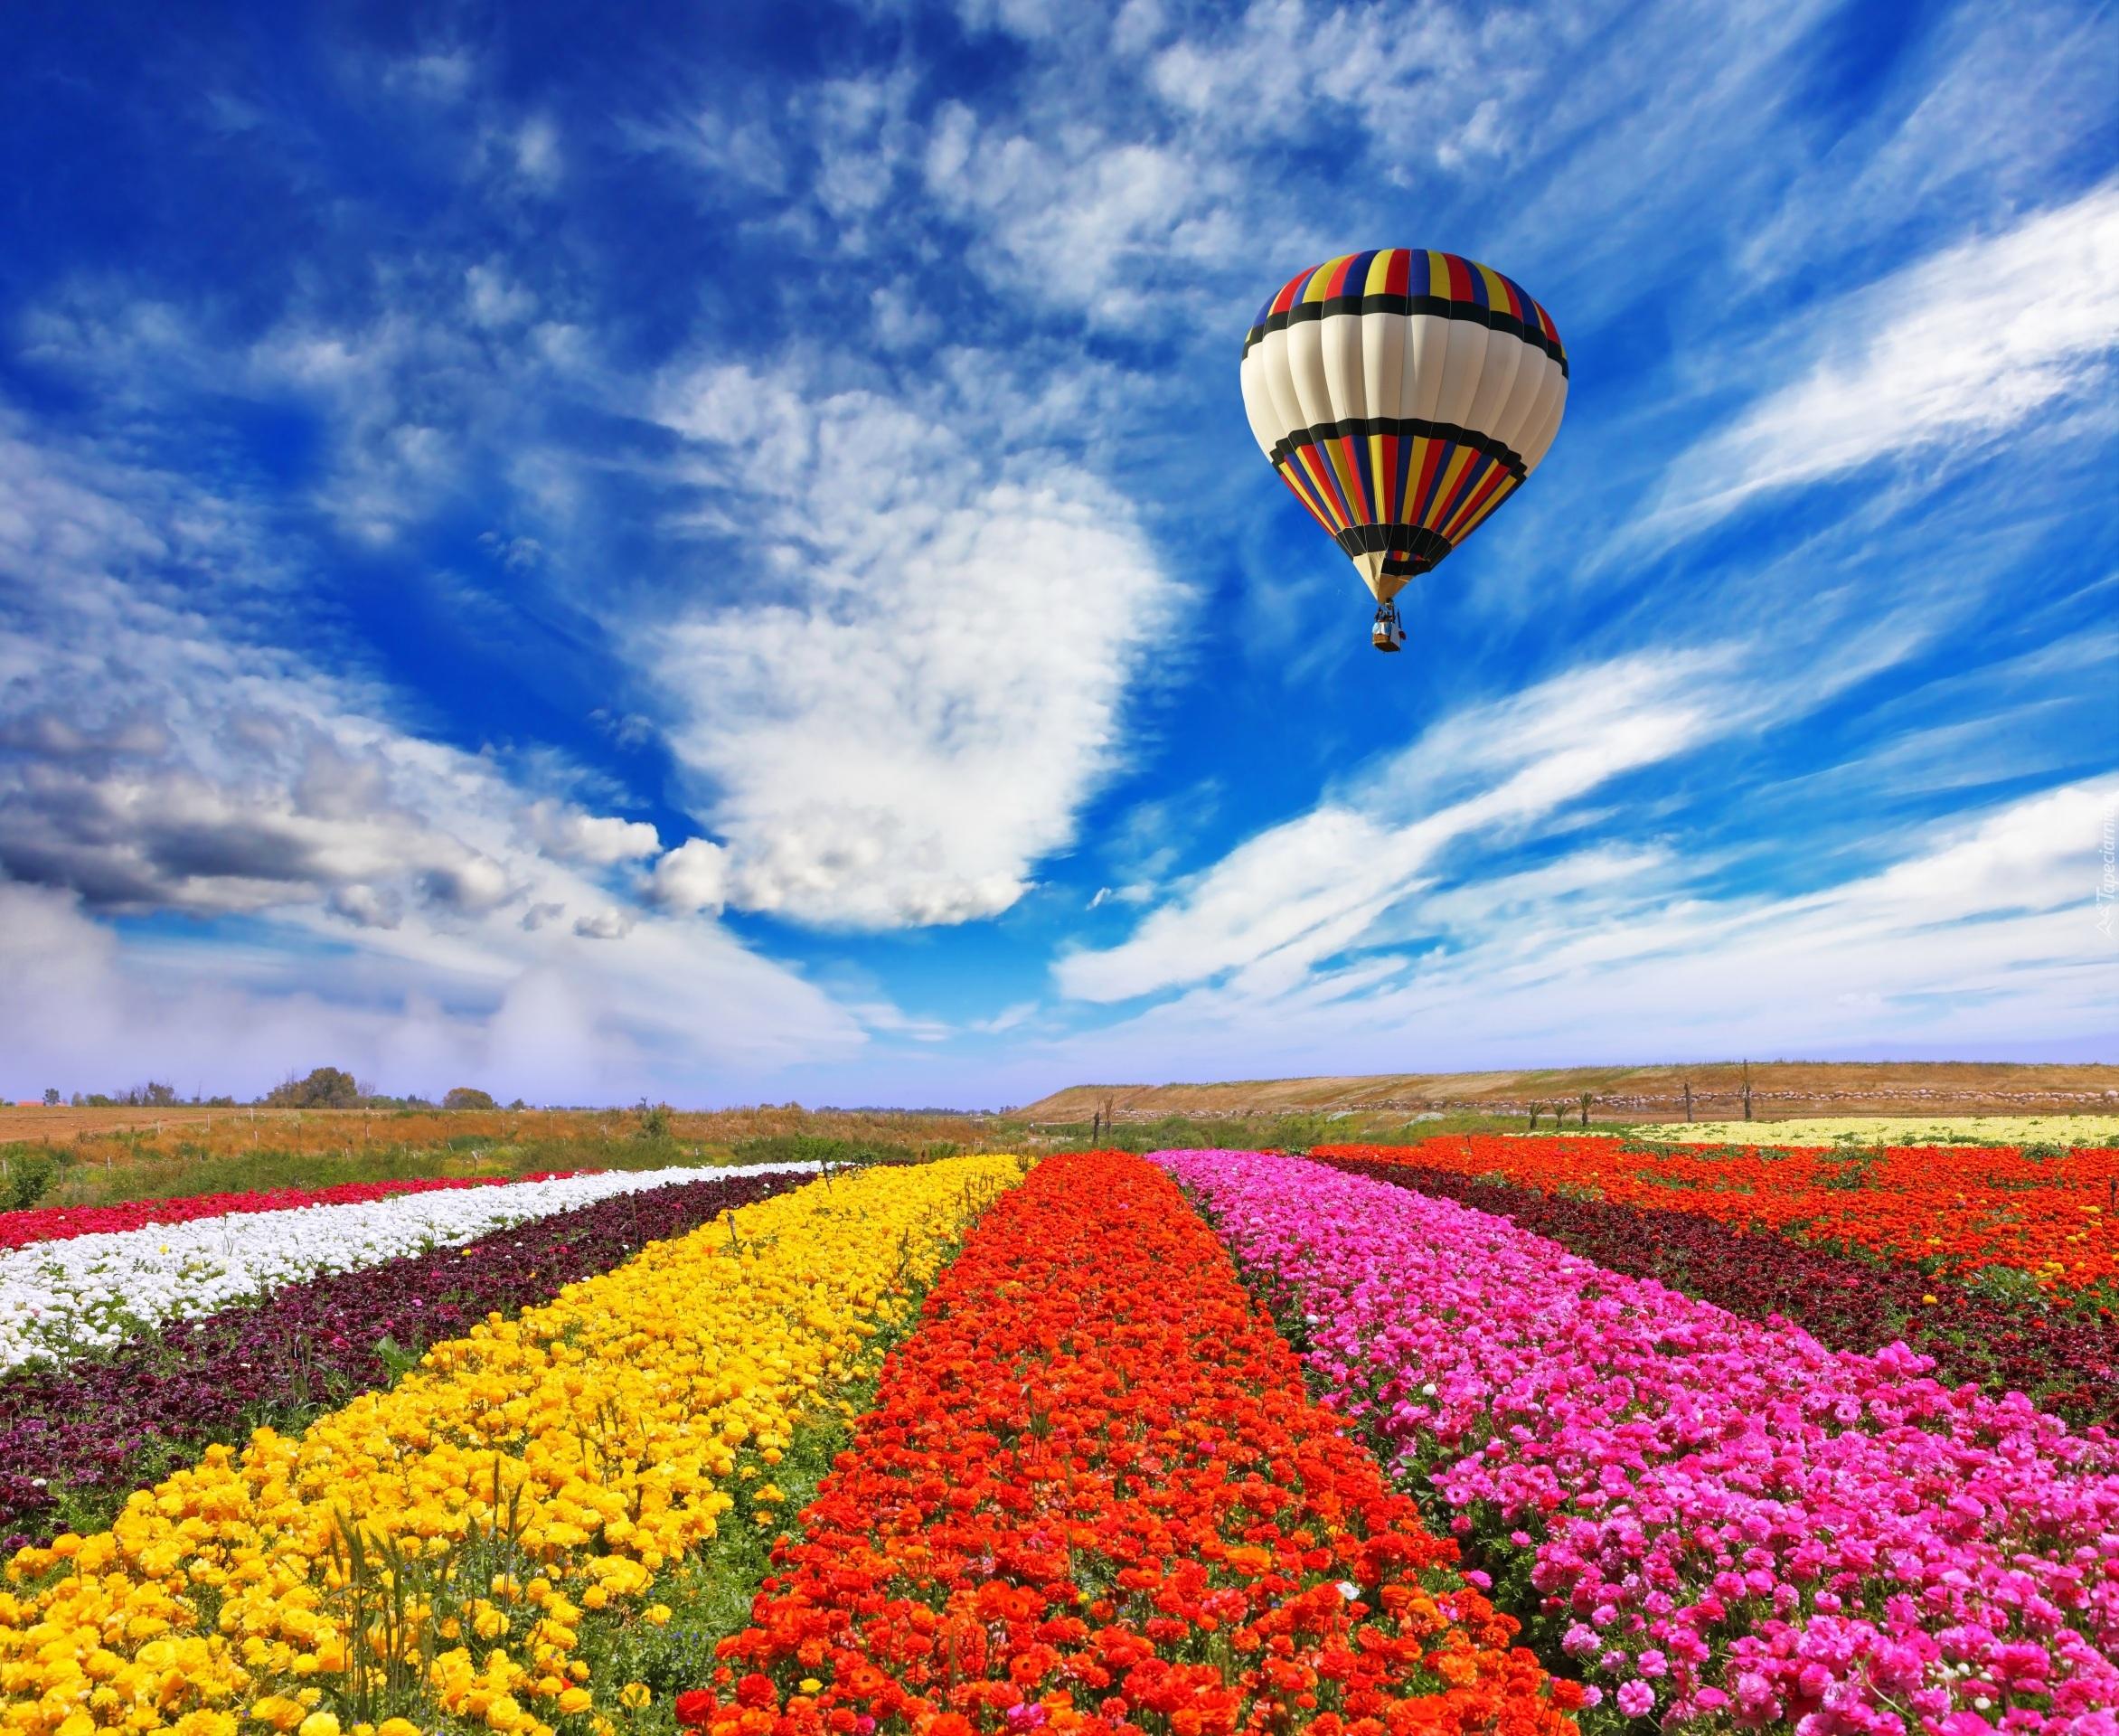 Tapety baloniarstwo for Immagini per desktop primavera